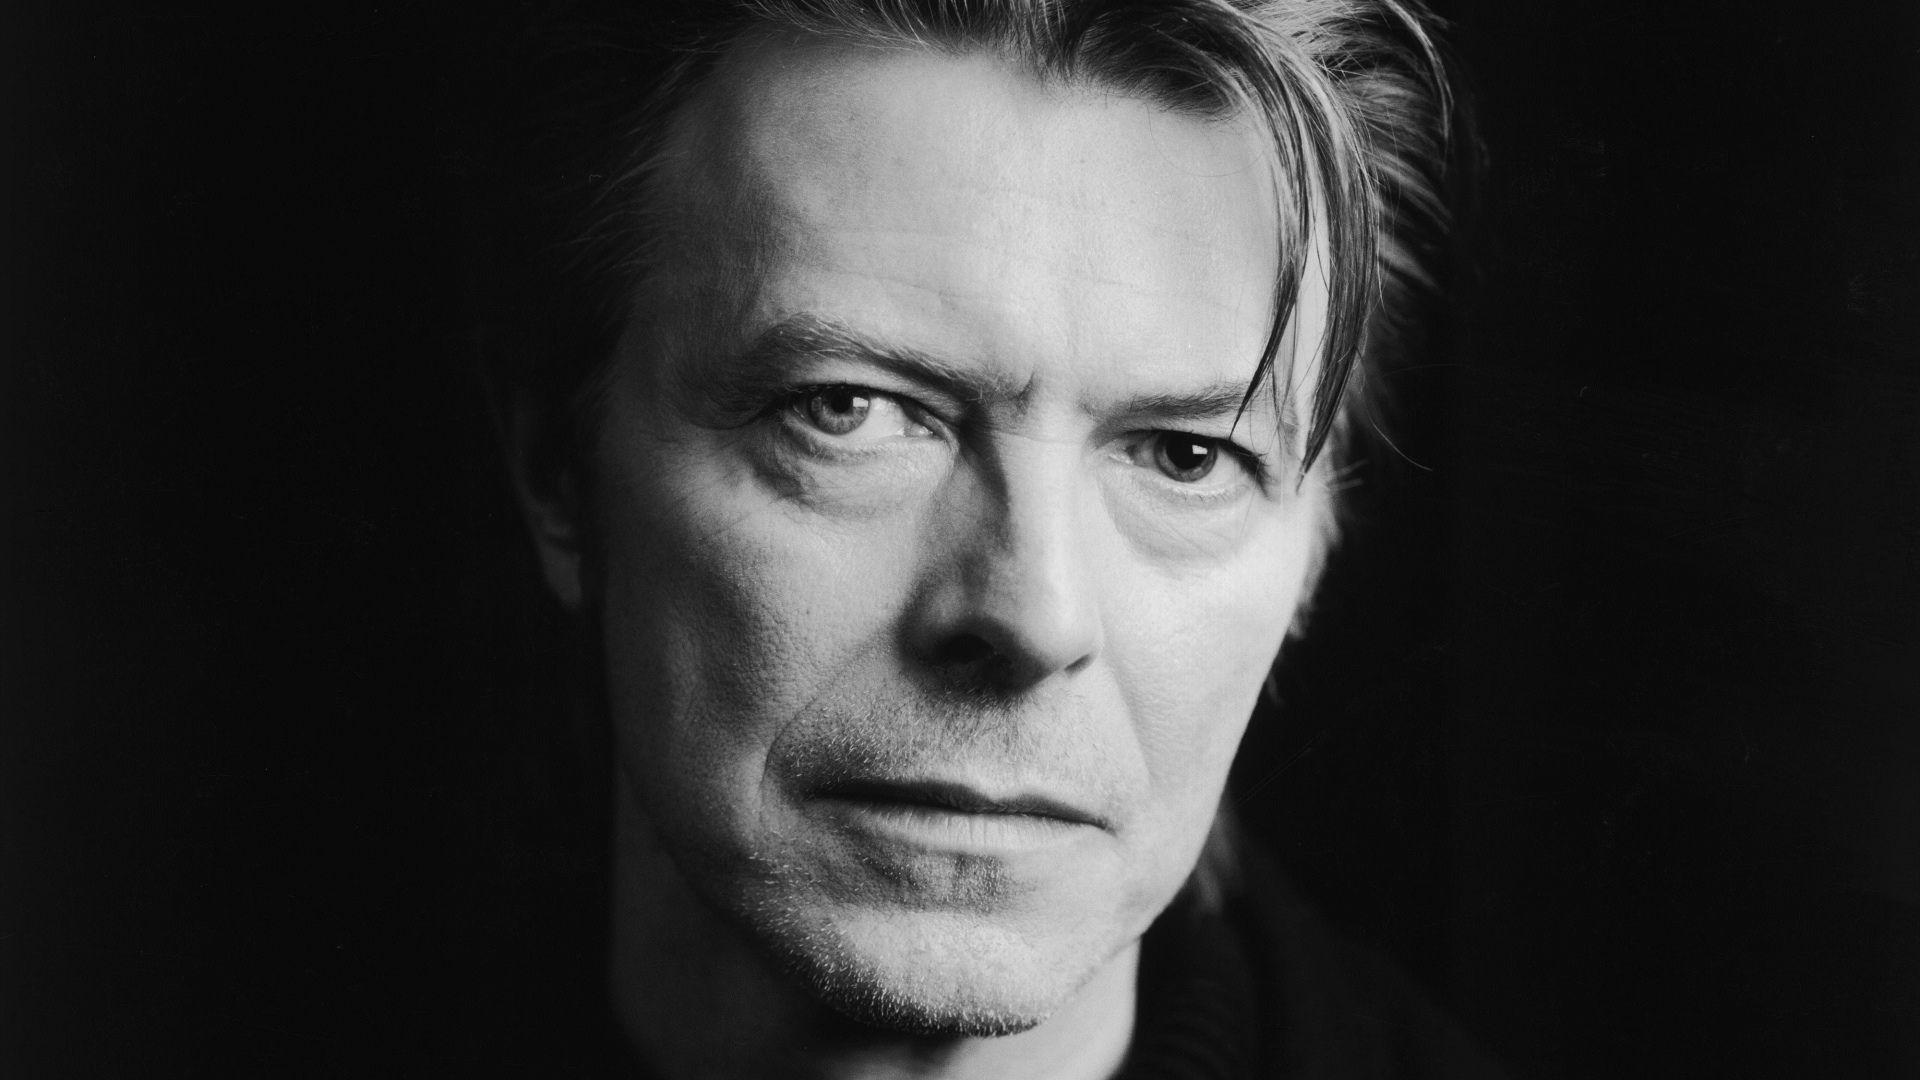 David Bowie muore per male incurabile a 69 anni